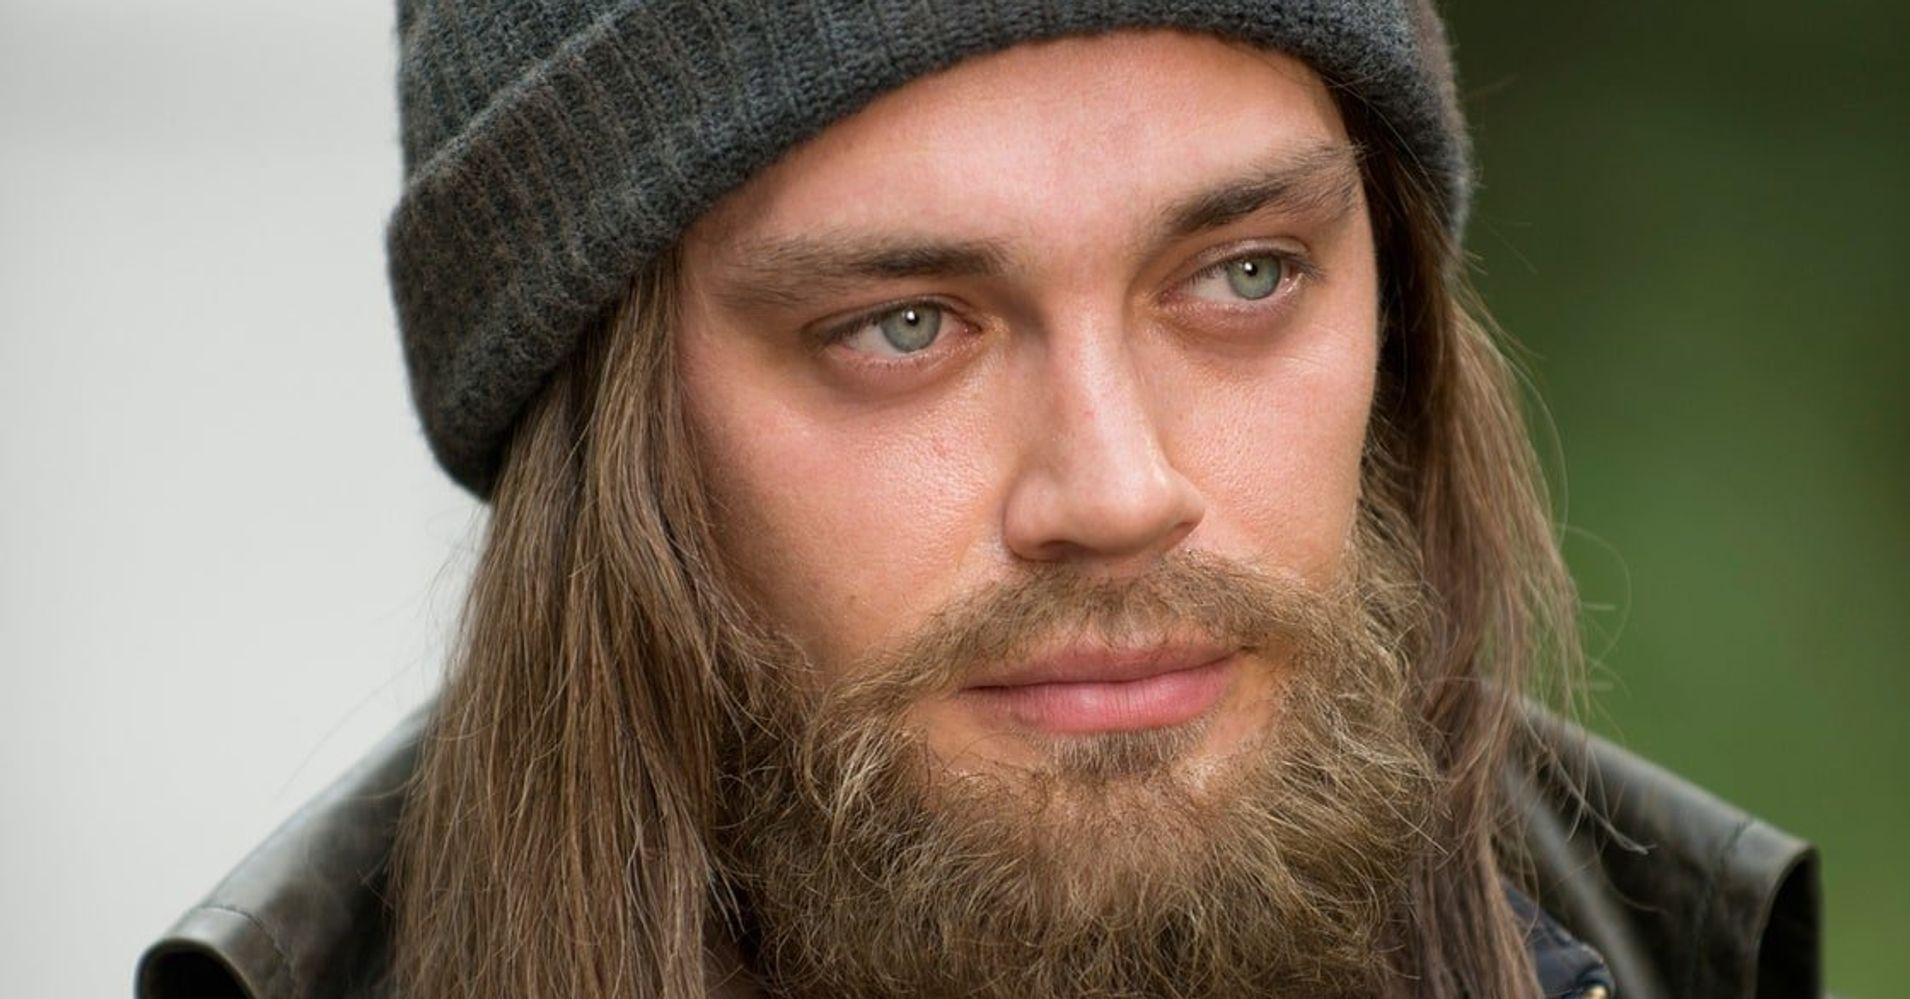 Jesus Walking Dead